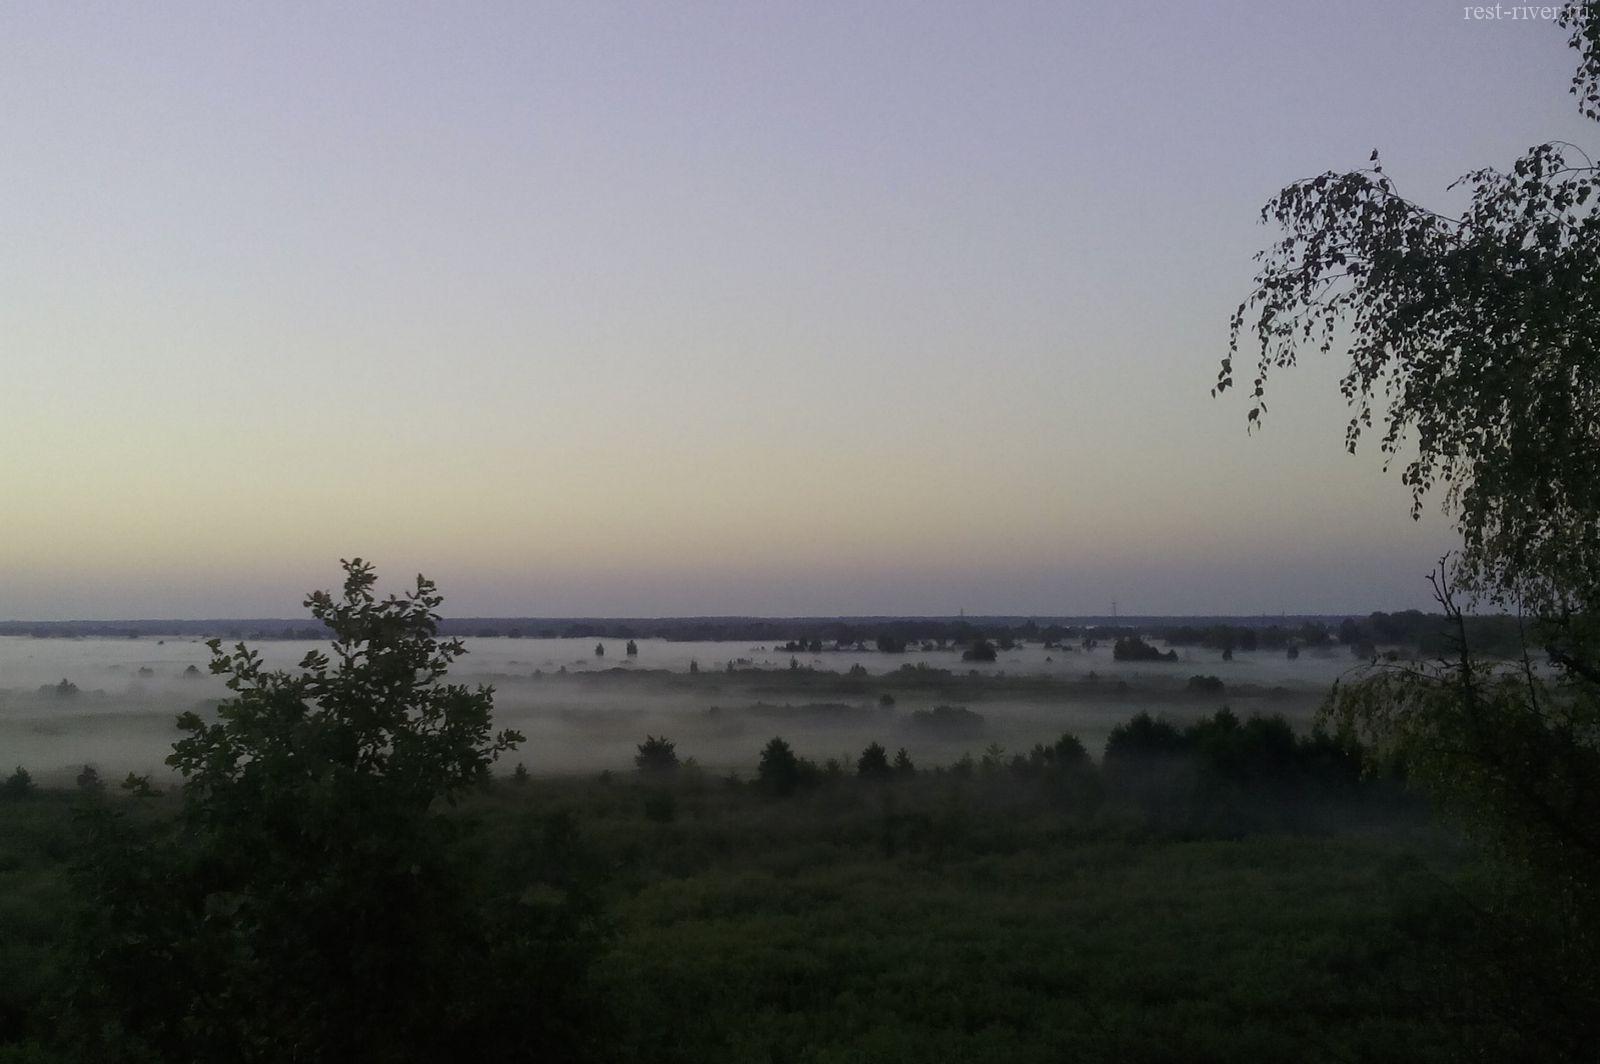 фото туман над рекой